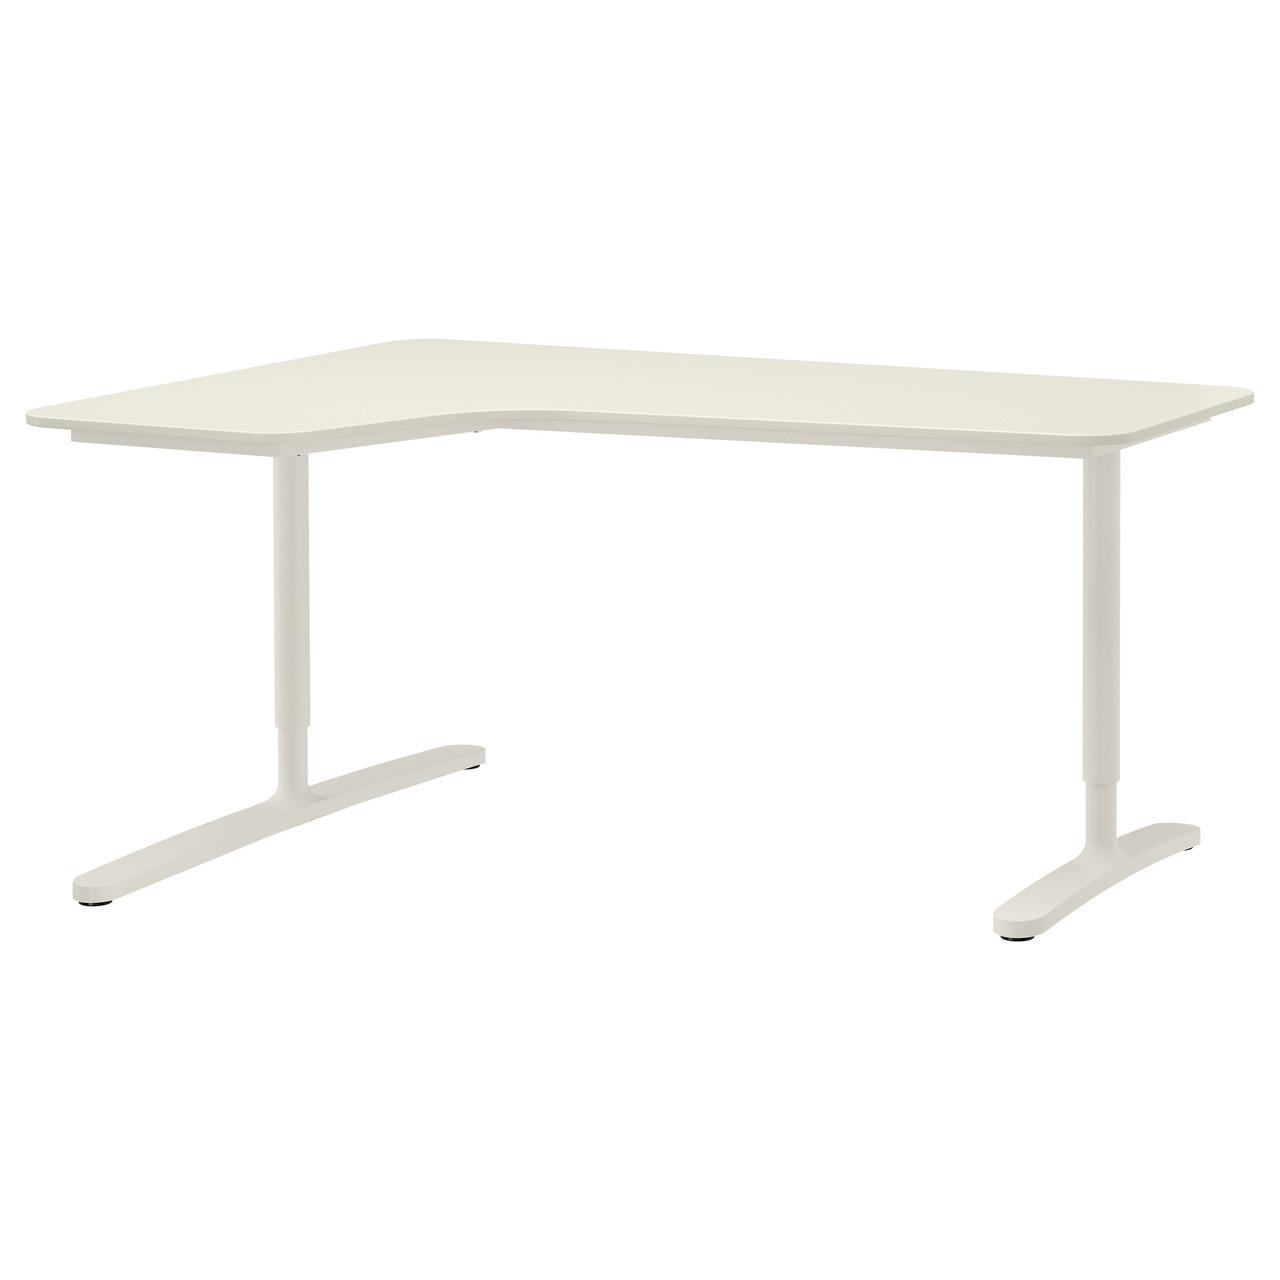 Компьютерный стол IKEA BEKANT 160x110 см угловой белый 490.064.06